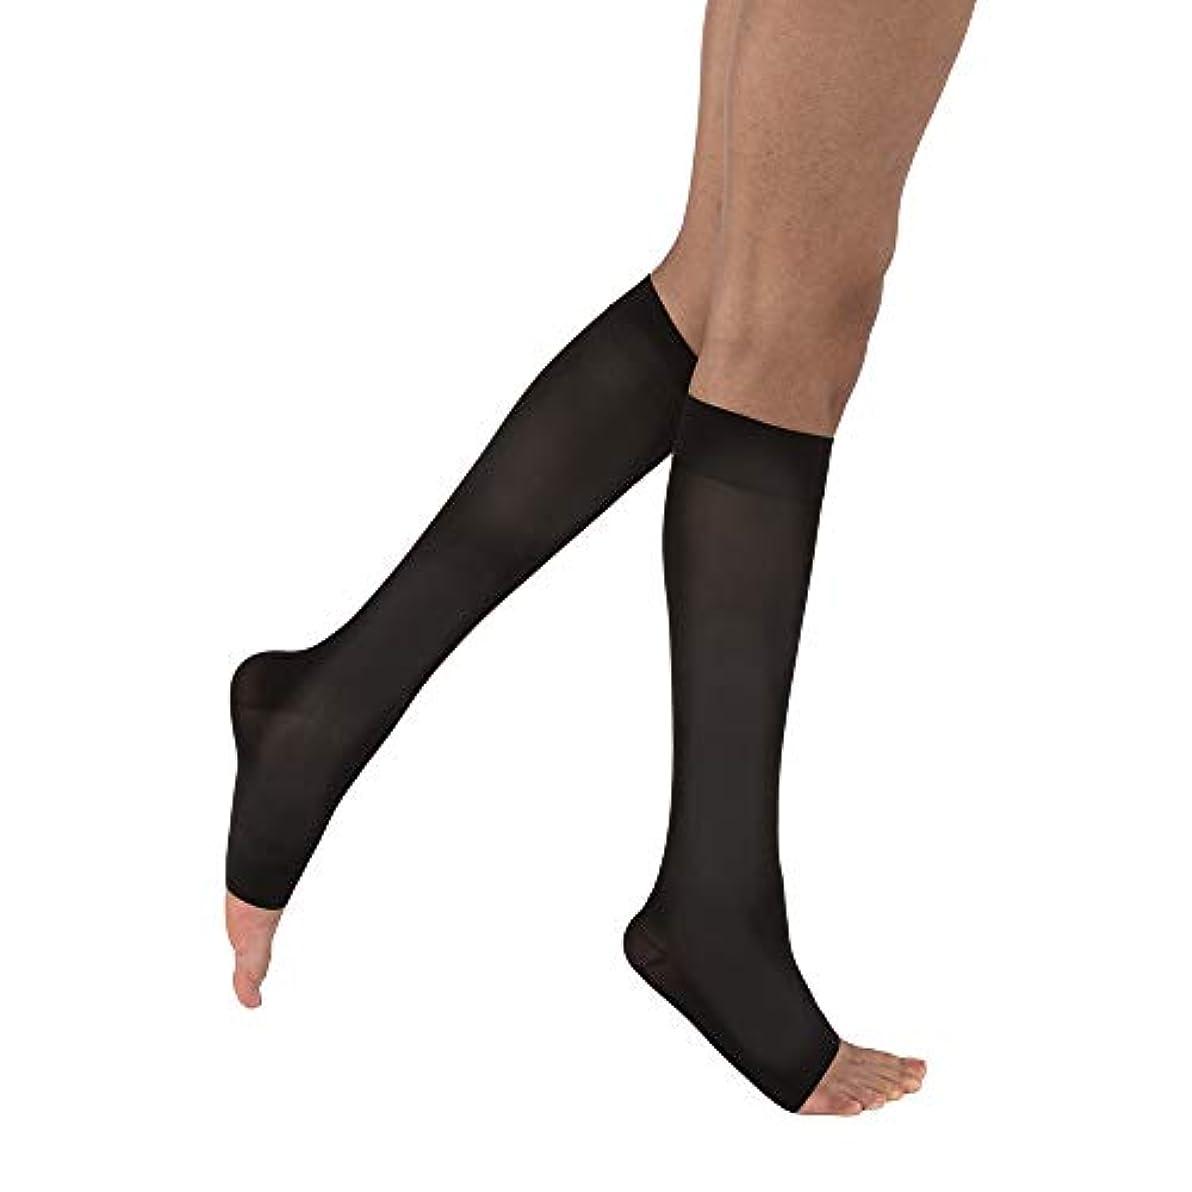 解体する同性愛者インシュレータWomen's Opaque 15-20 mmHg Open Toe Knee High Support Stocking Size: Large, Color: Classic Black by Jobst